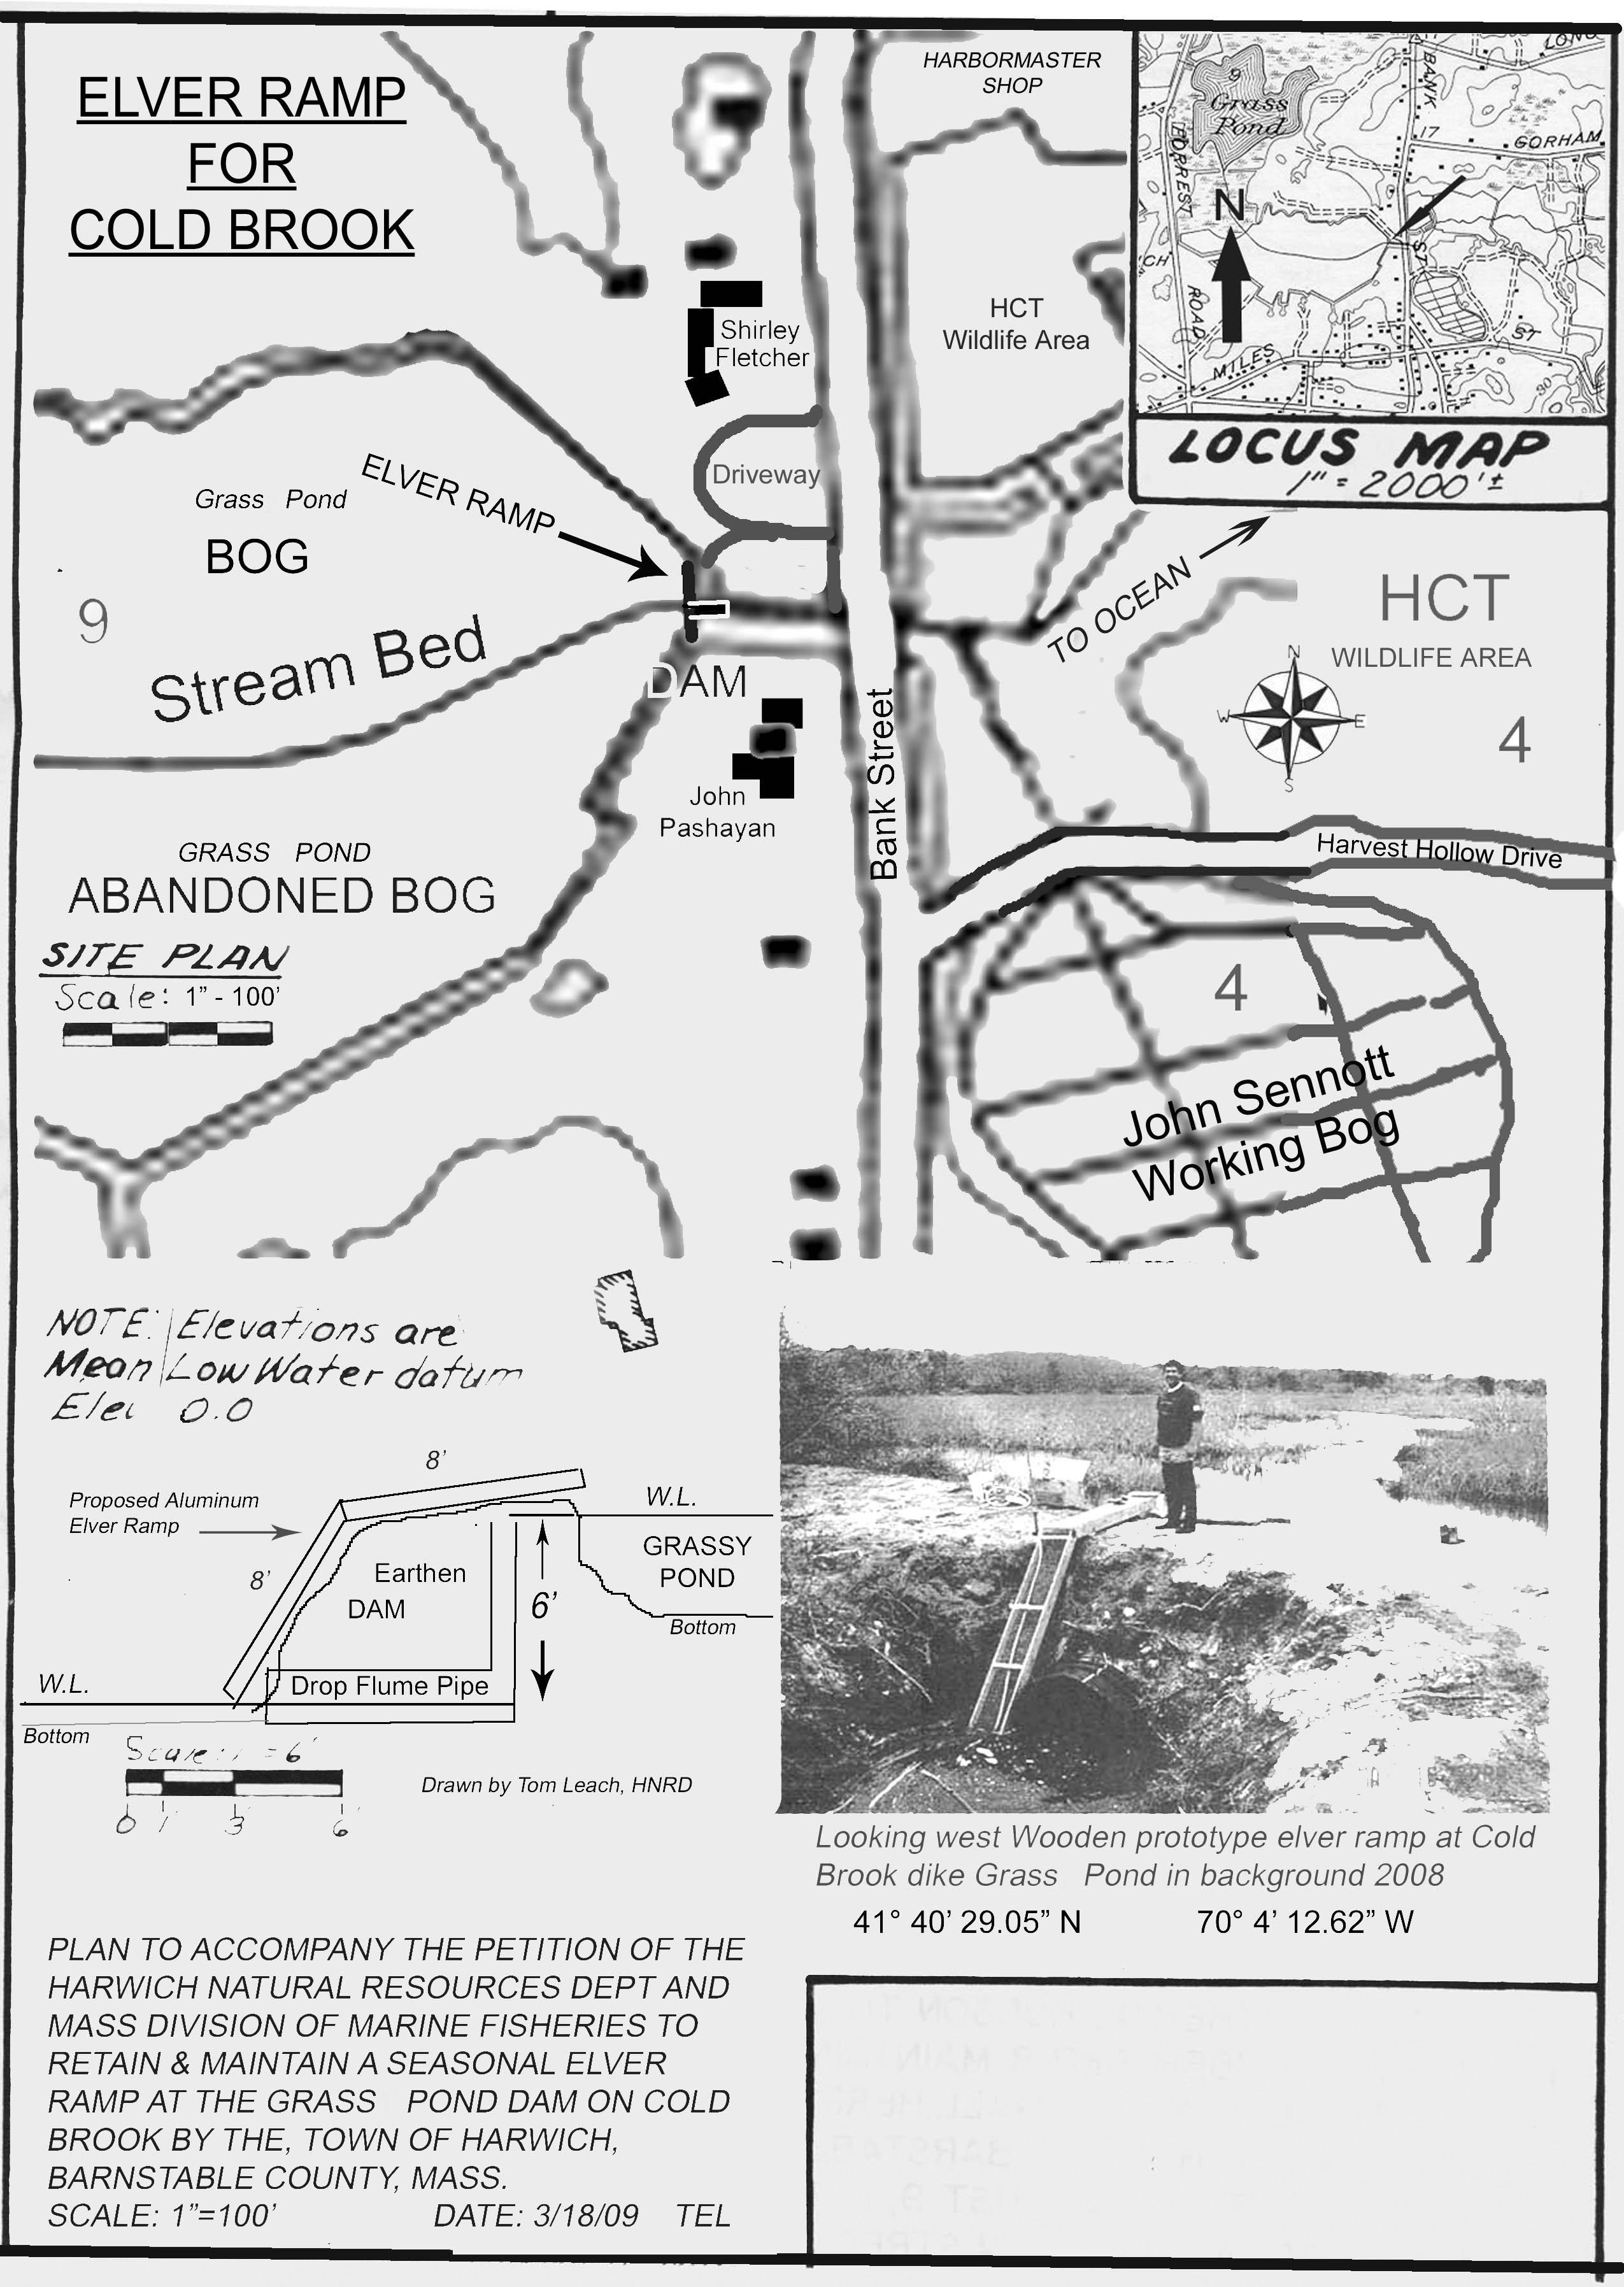 Grass Pond Eel Ramp Summary Report